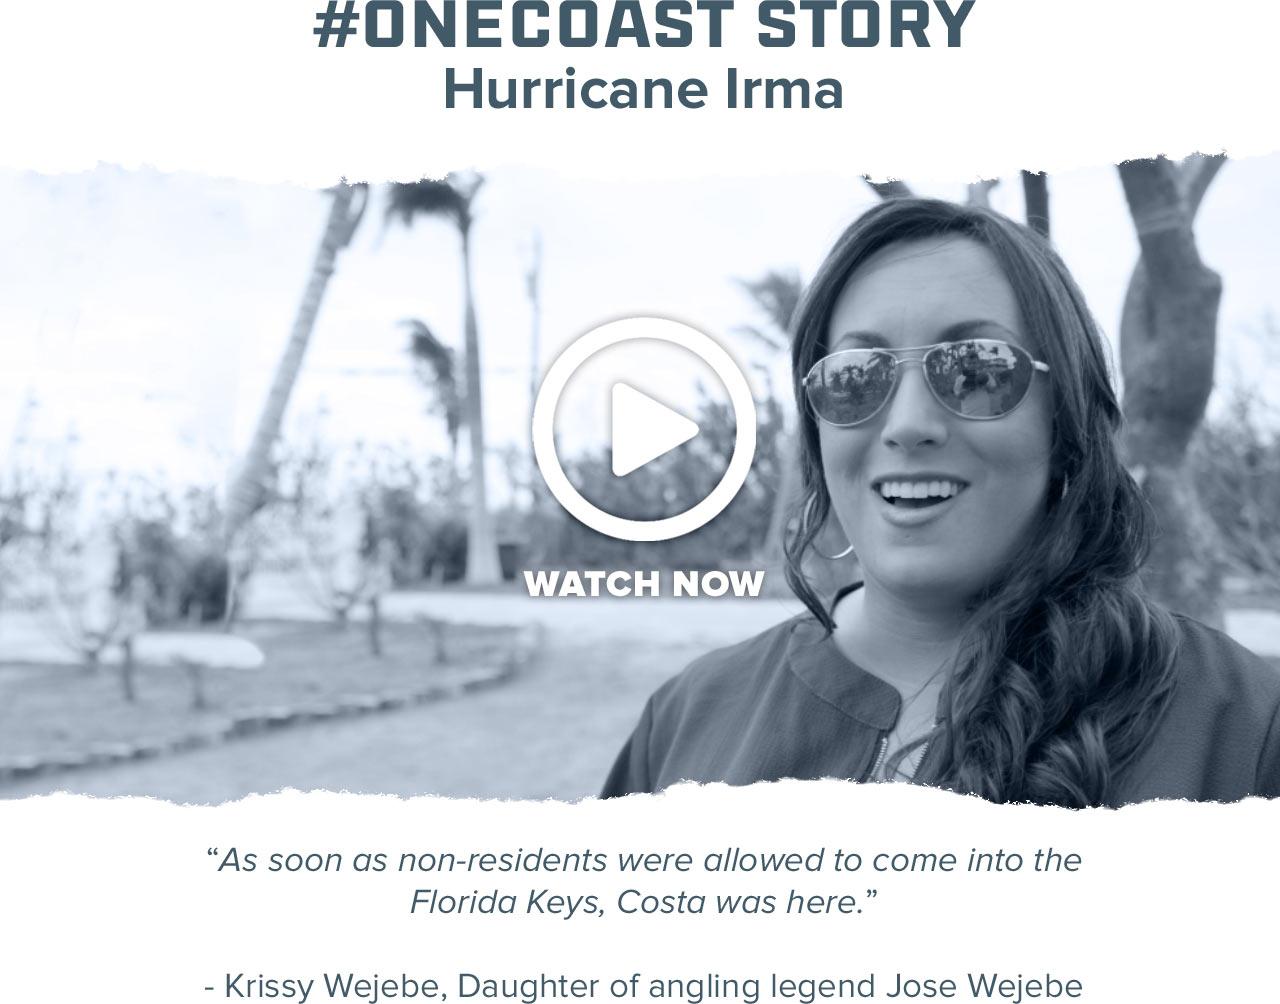 #One Coast Story: Krissy Wejebe